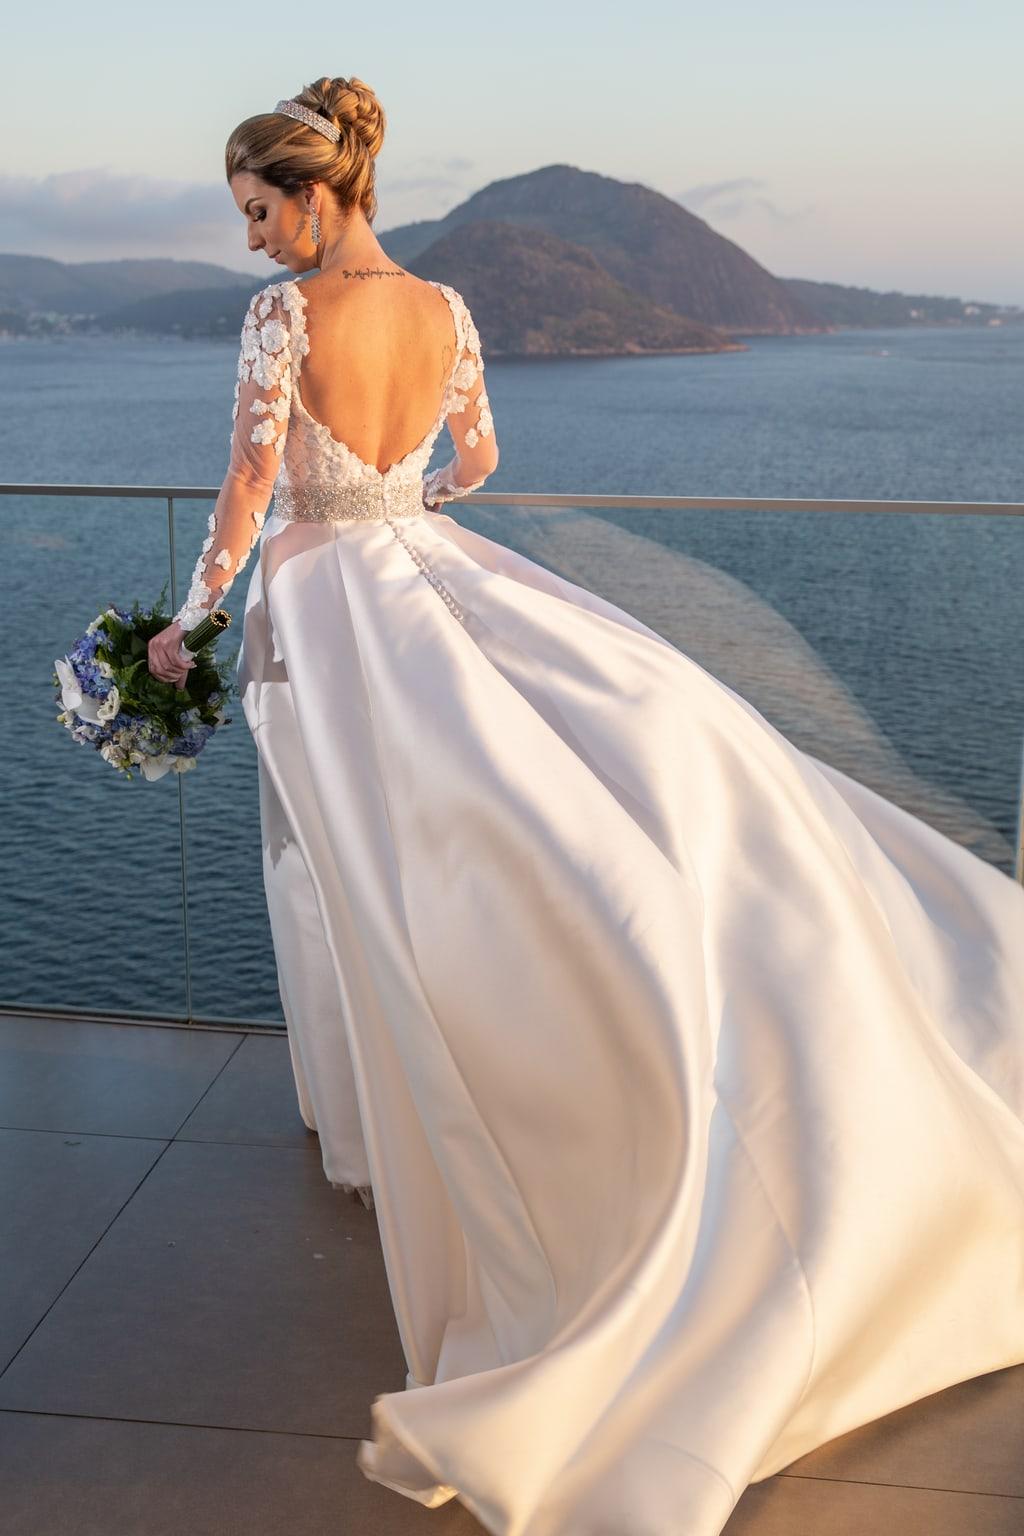 casamento-clássico-casamento-tradicional-rio-de-janeiro-niterói-Fotografia-Giovani-Garcia-casamento-Cássia-e-Daniel-5